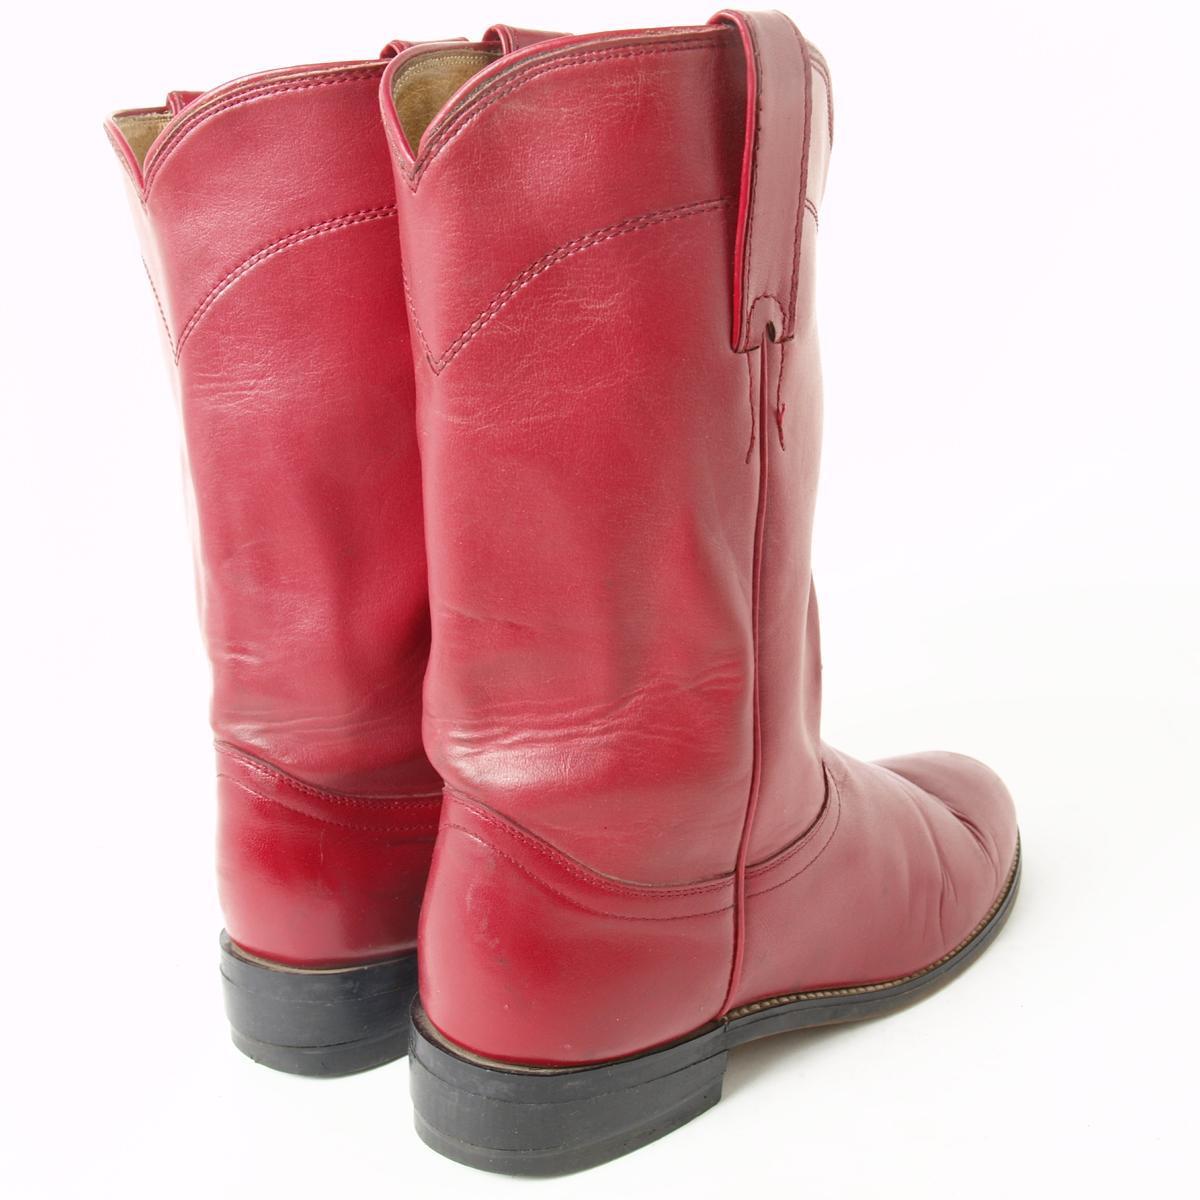 罗珀靴 7B 女士墨西哥由钻石 J 靴 24.0 厘米 /boh6495 151009